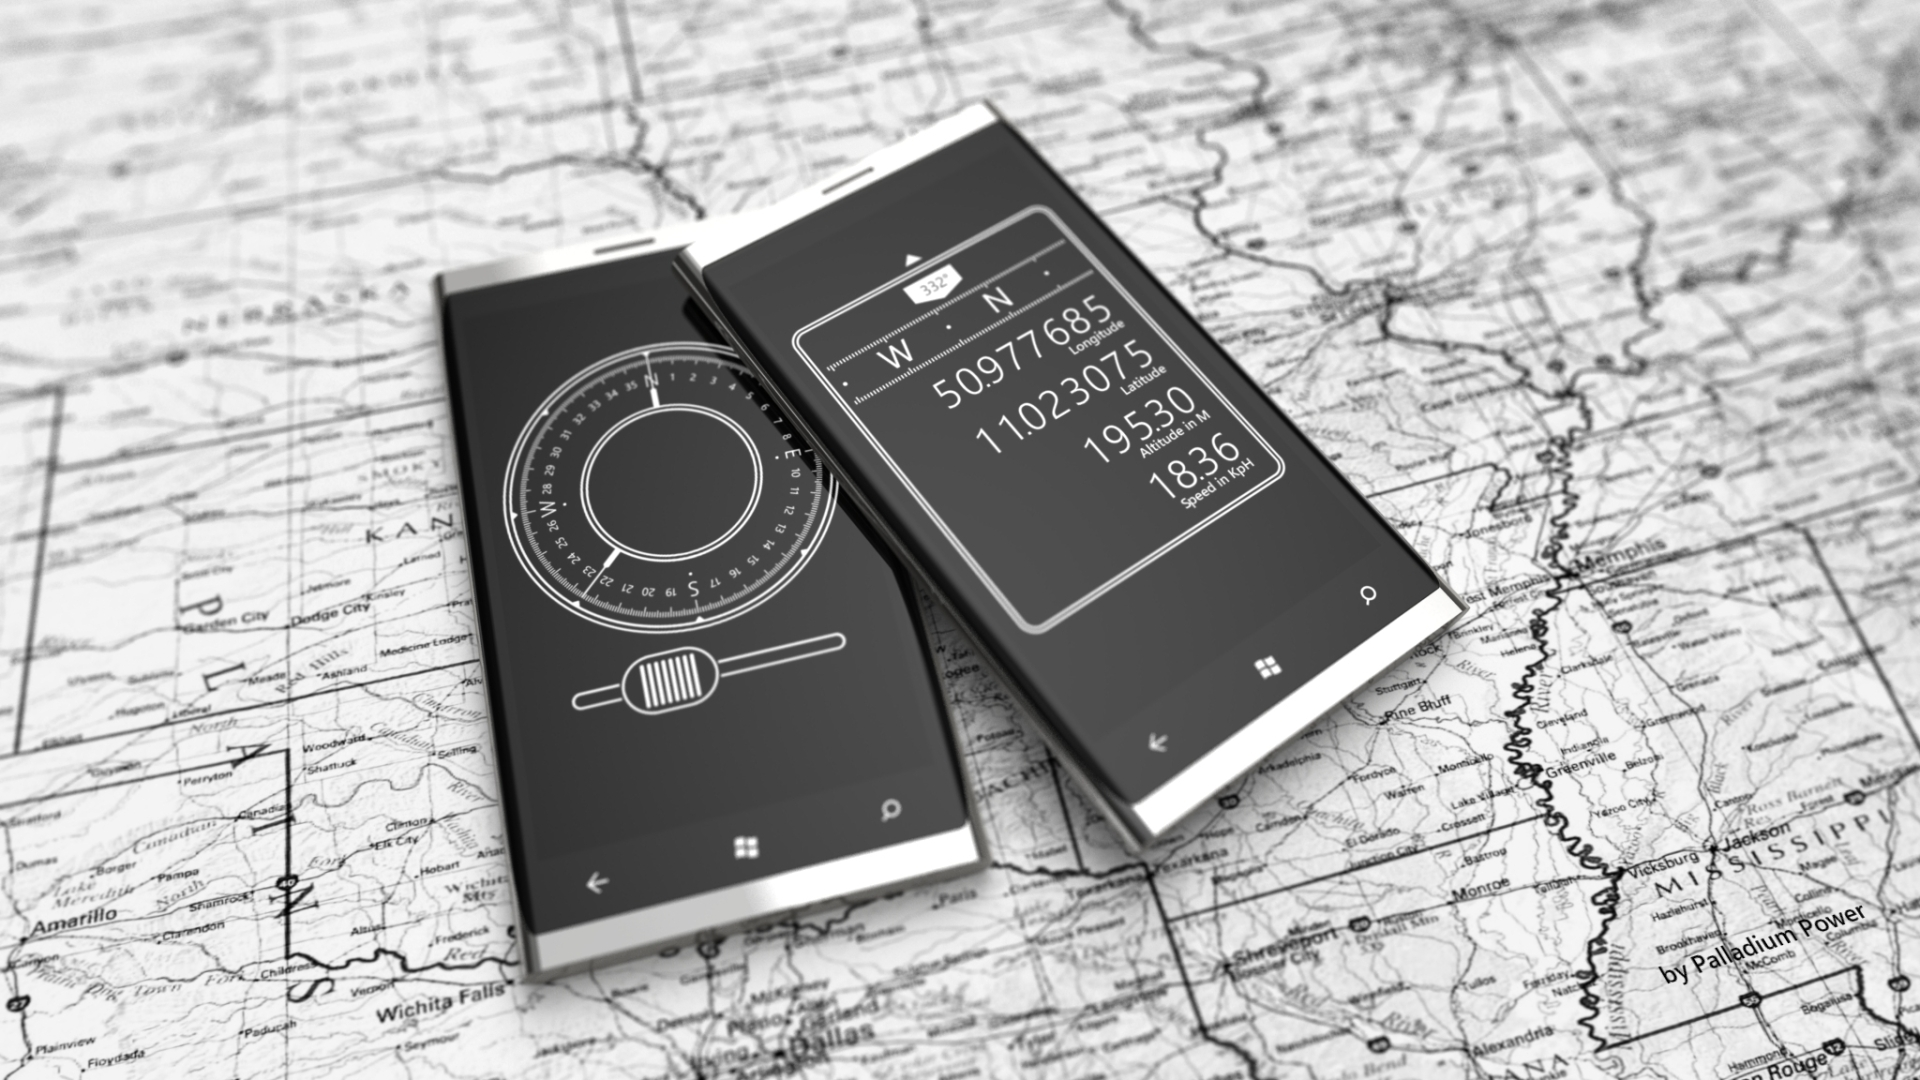 Compasses for Windows Phone 7 by Jonas-Daehnert